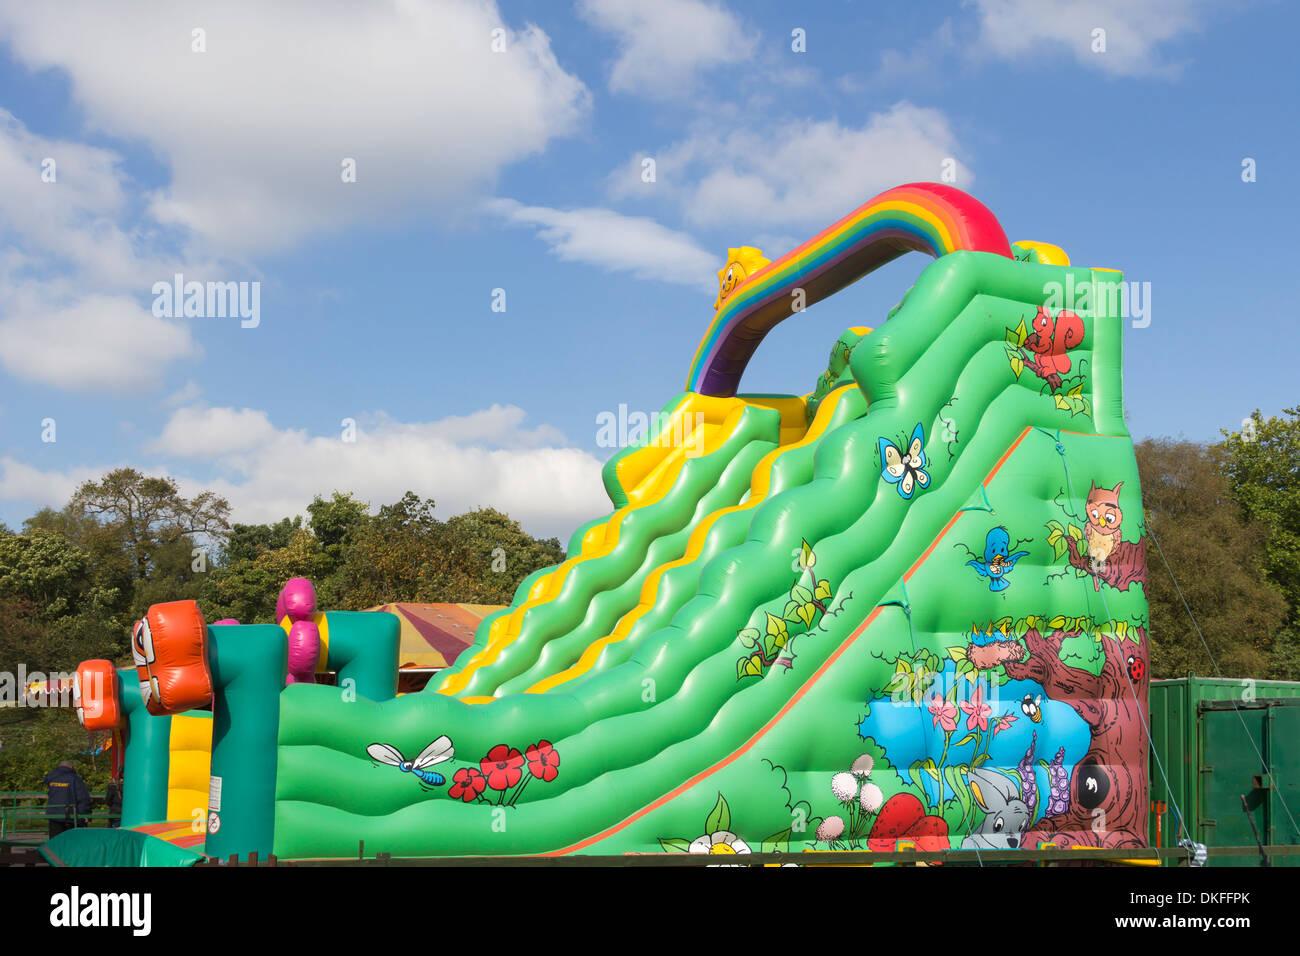 Aufblasbare Riesenrutsche Art Hüpfburg in Moos Bank Park, Bolton, Lancashire, Bestandteil der ständigen kleinen Kirmes. Stockbild